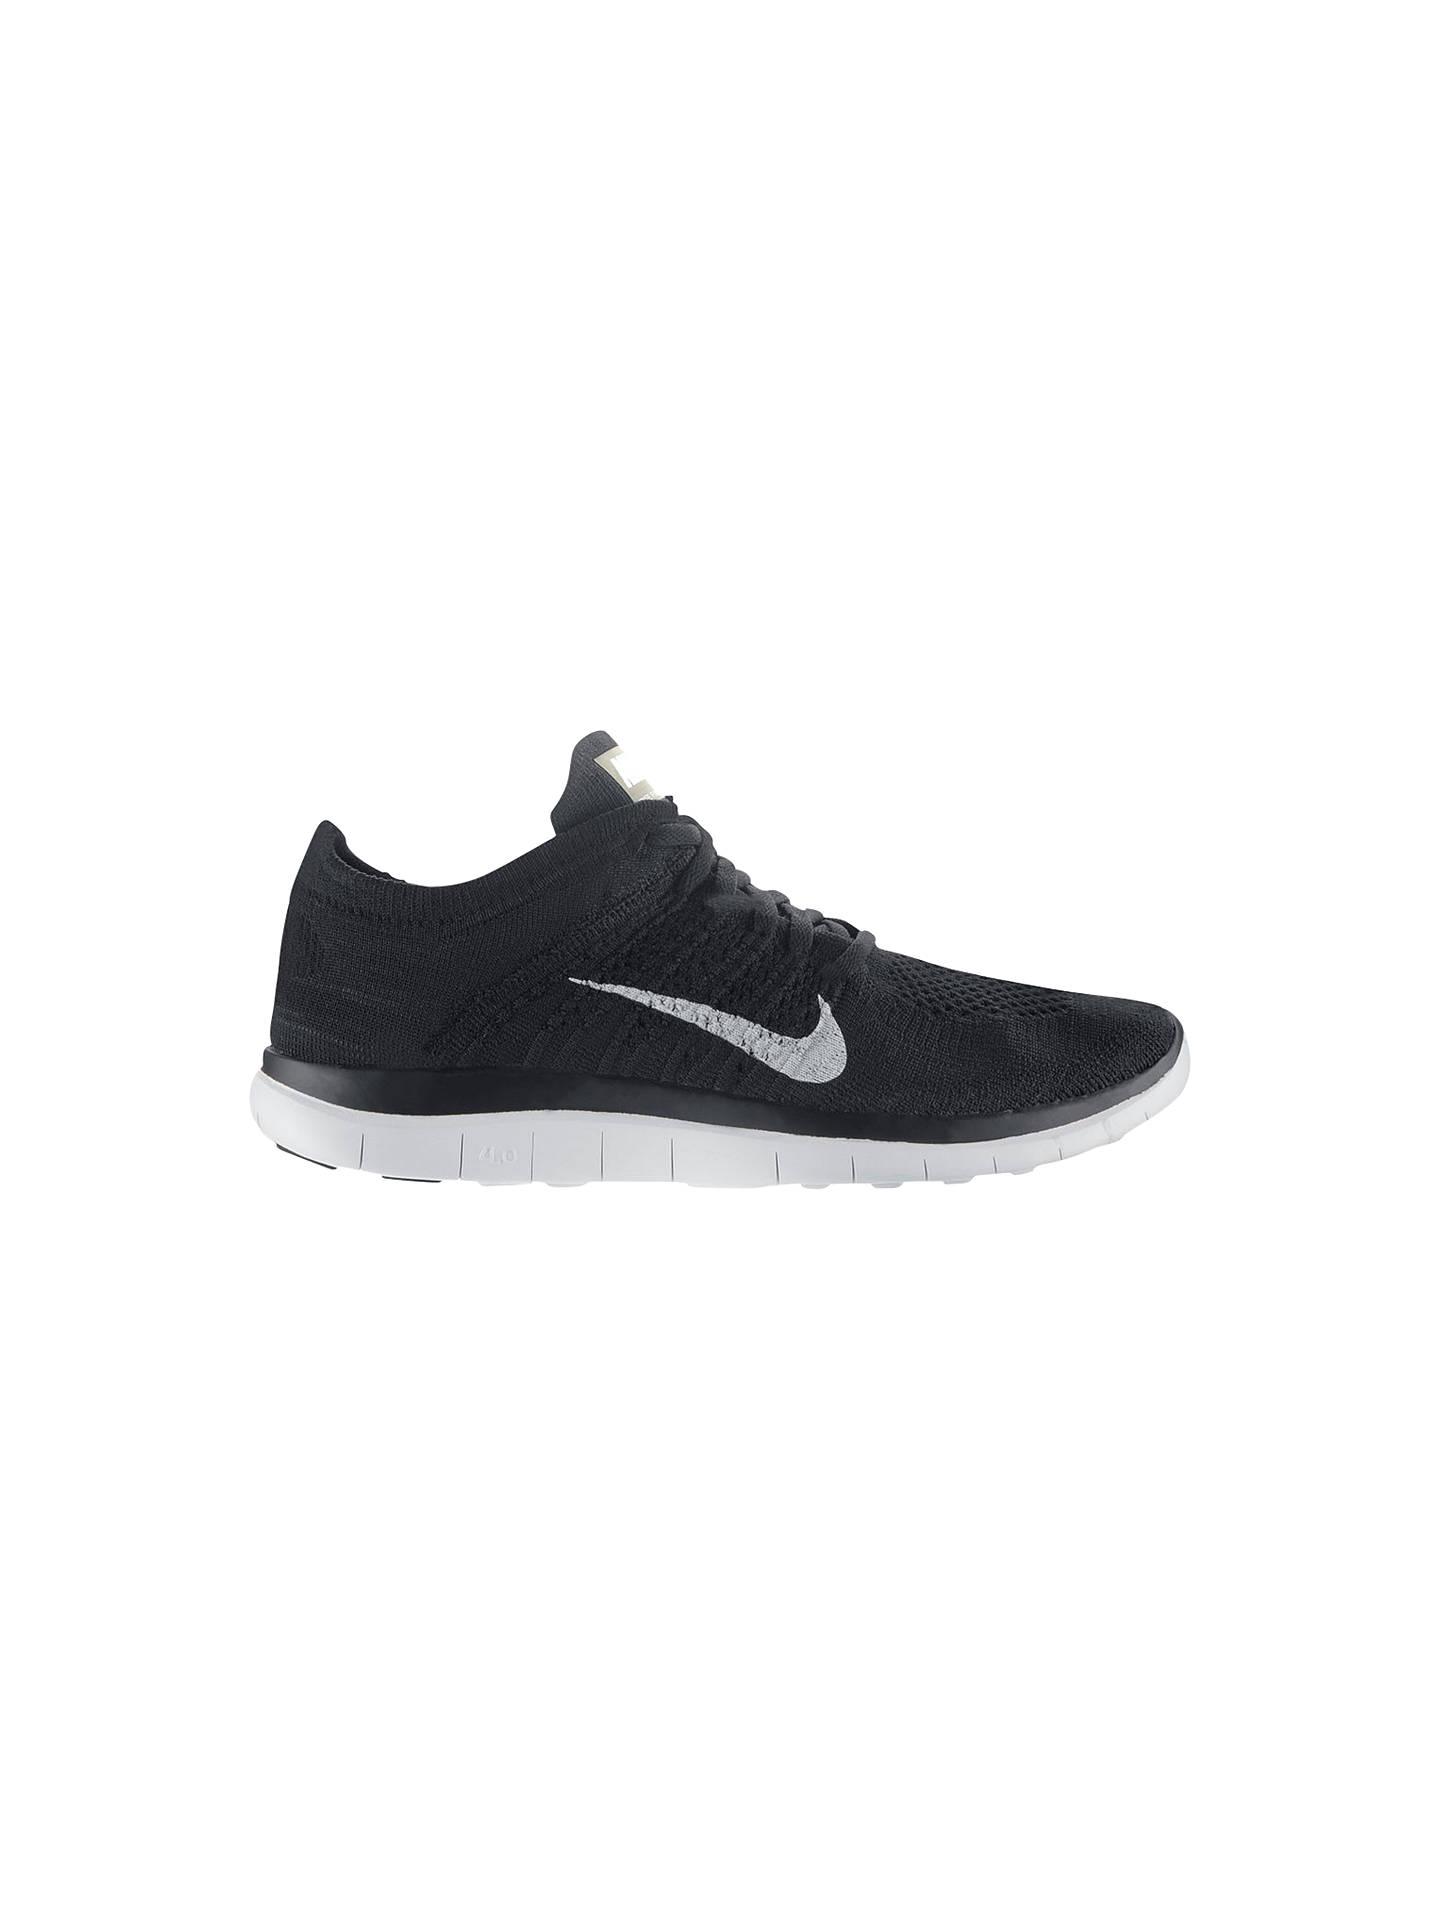 5d2134170f4 BuyNike Free 4.0 Flyknit Women s Running Shoes